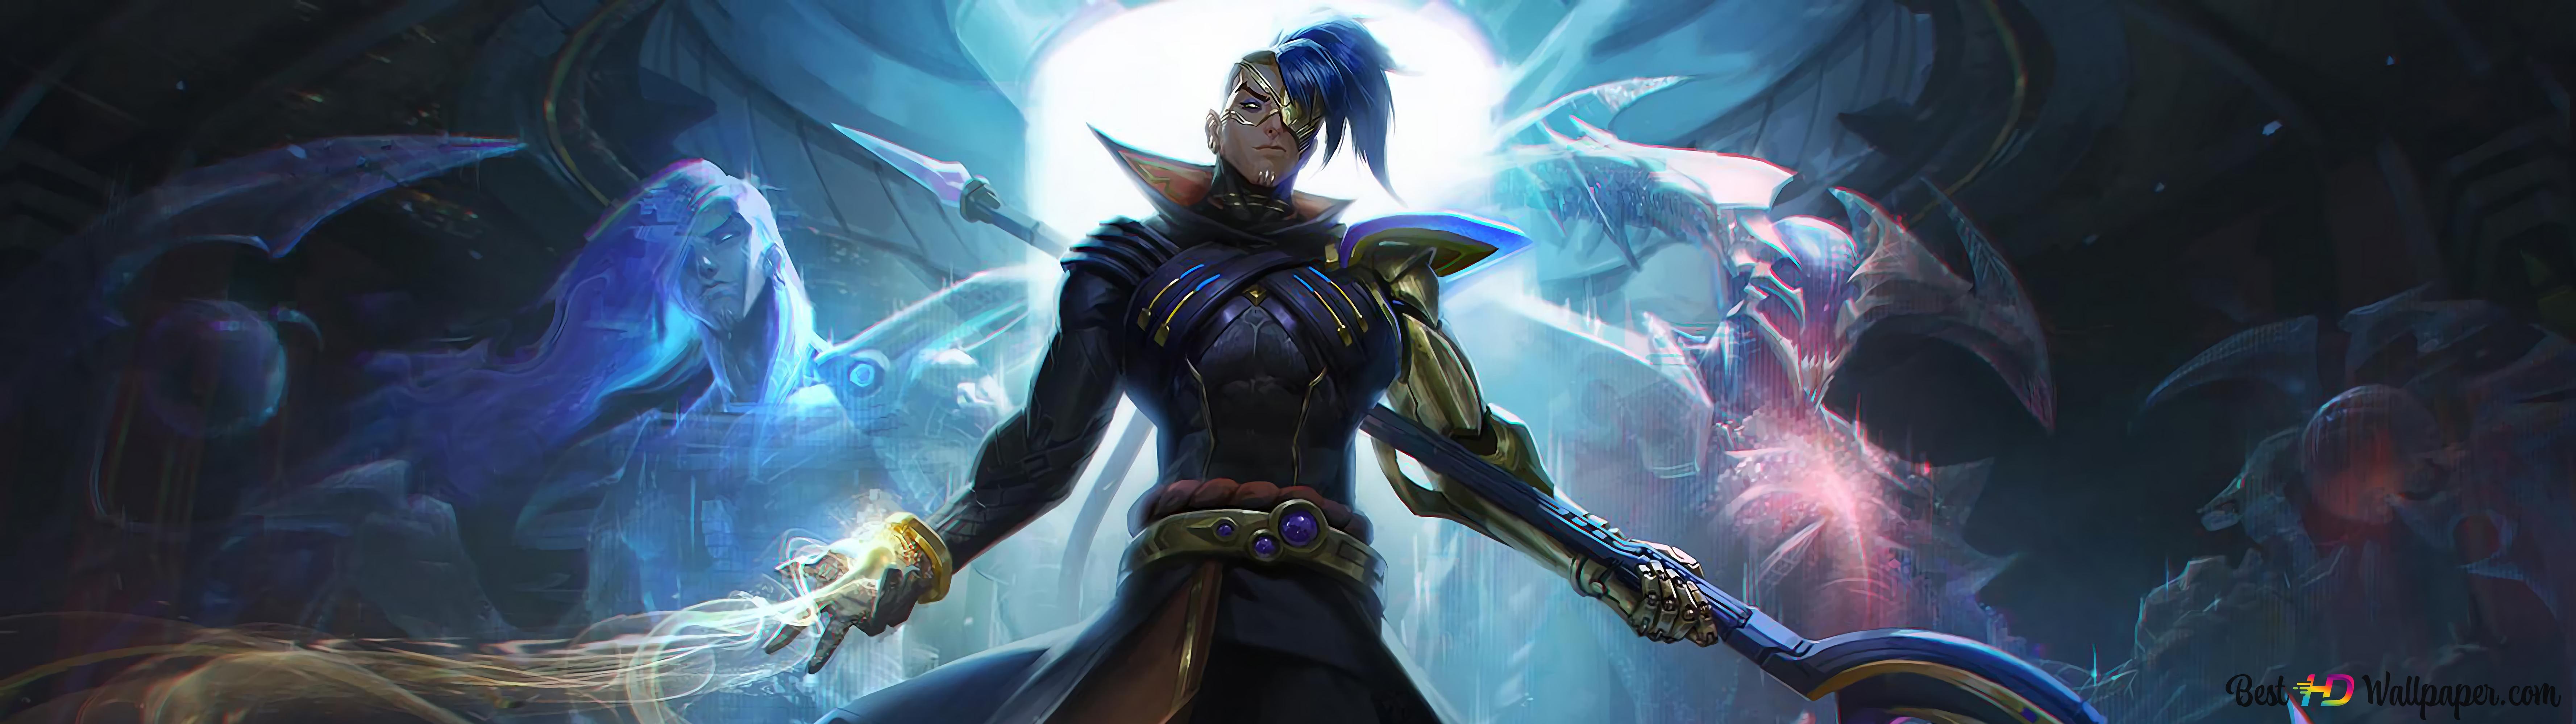 League Of Legends Lol Odyssey Kayn Hd Wallpaper Download